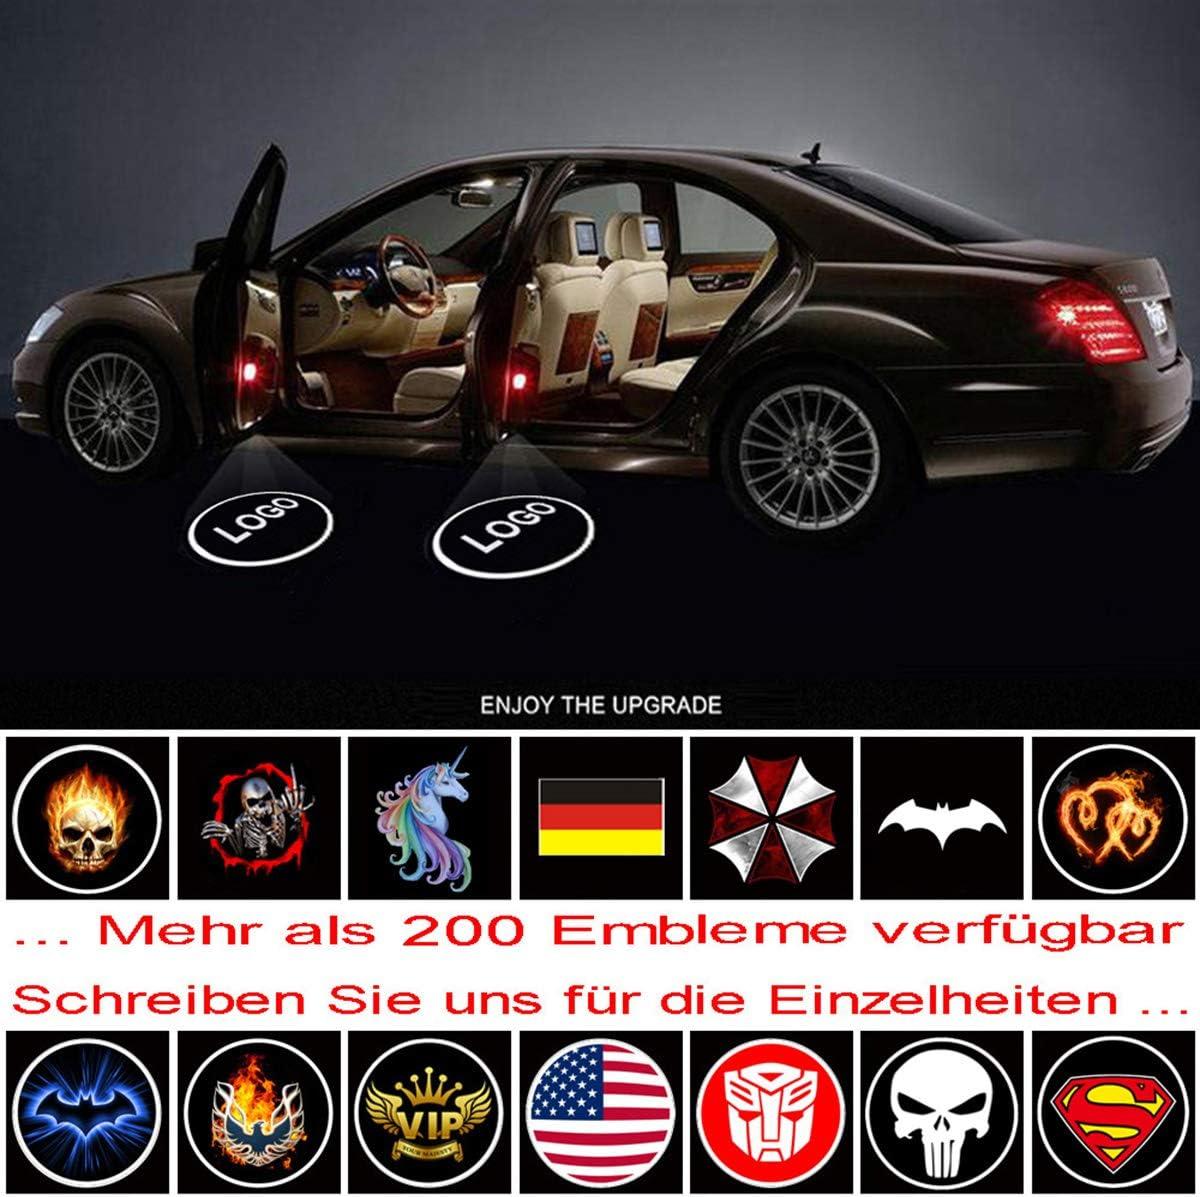 car LED bienvenue Logo voiture fant/ôme ombre bienvenue lumi/ère VAWAR lumi/ères de porte Punisher universel pour v/éhicule de 12V // No.142 LED projecteur de voiture /éclairage dentr/ée